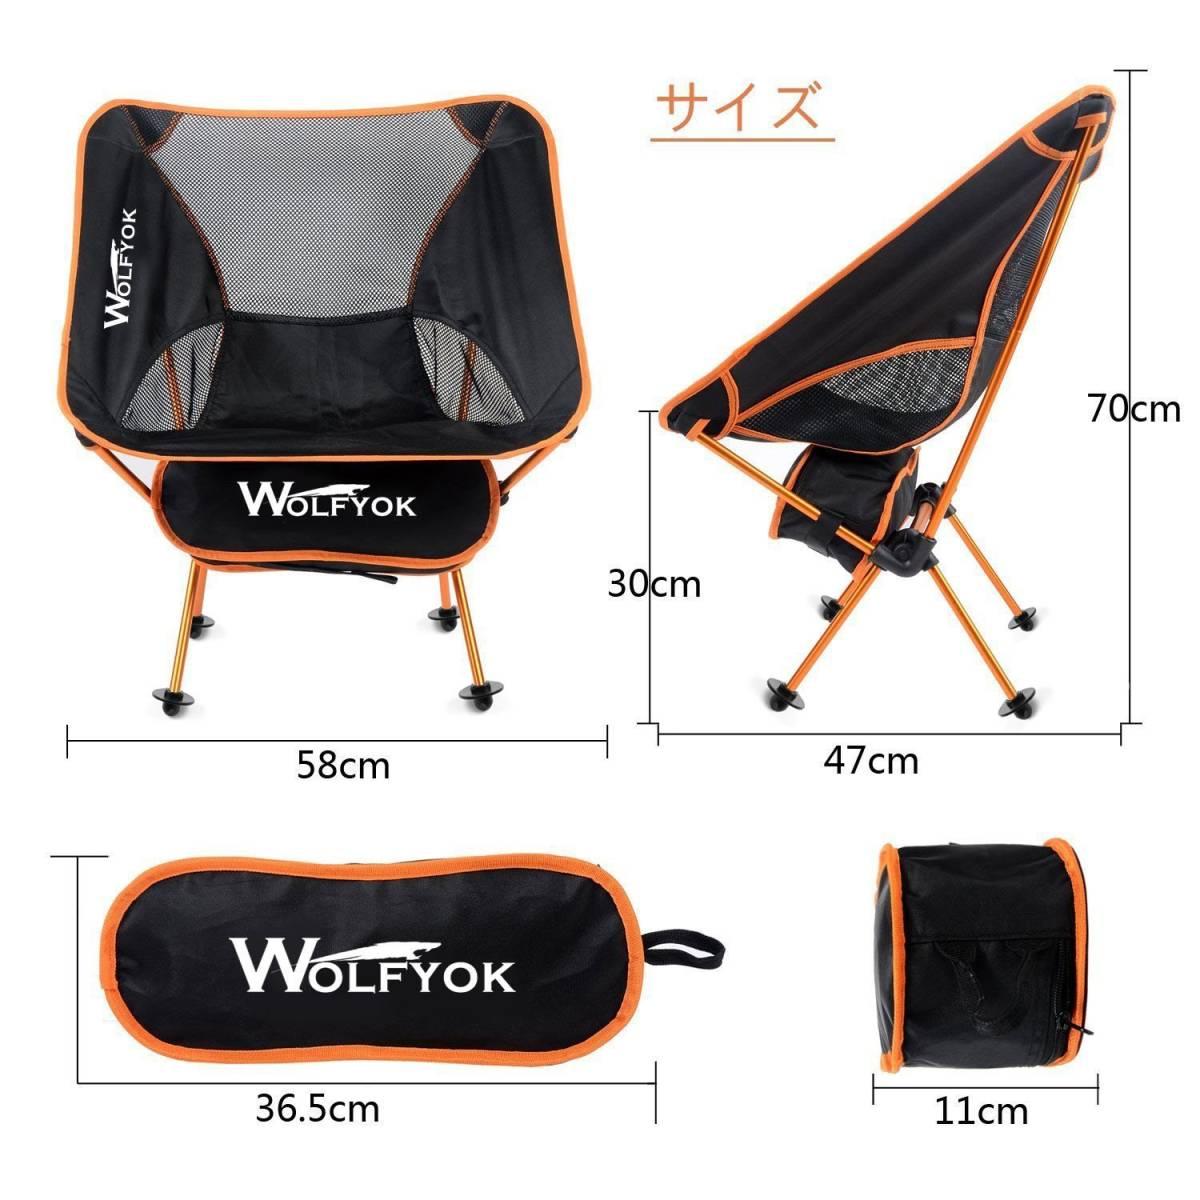 【新品】アウトドアチェア 【最新改良版】 折りたたみ椅子 コンパクト 耐荷重100kg 軽量 持ち運びに便利な専用ケース付き お釣り 登山_画像3